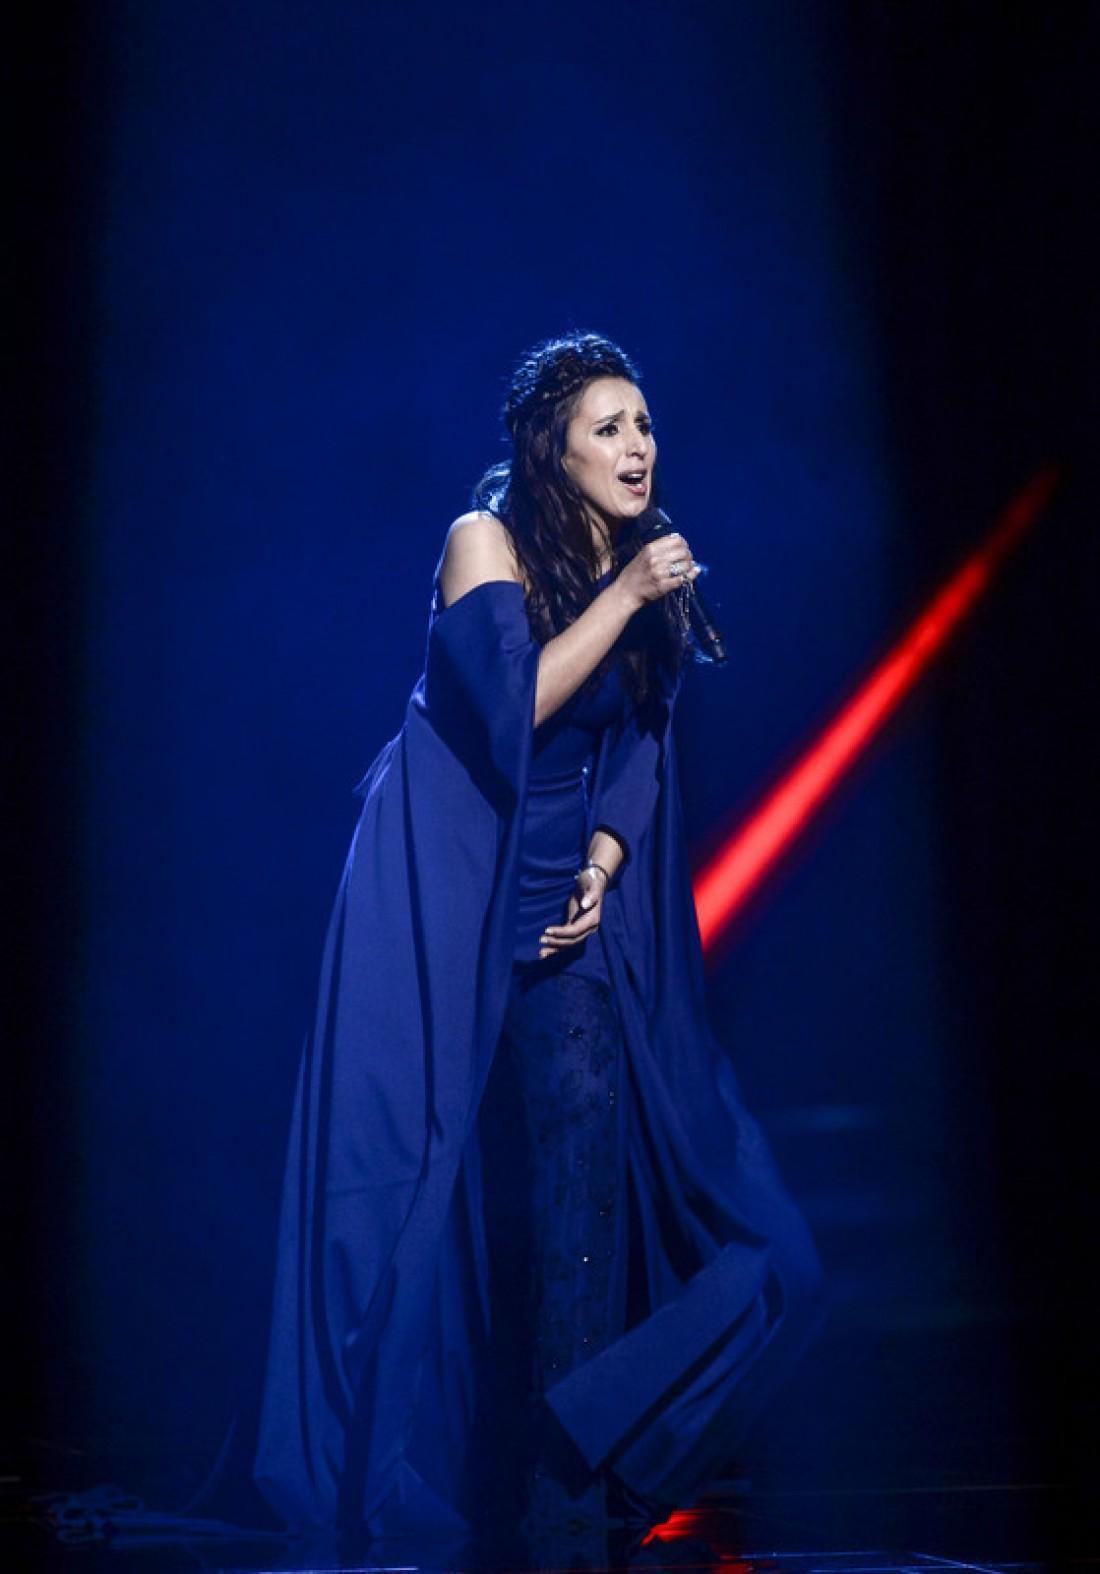 Победитель Евровидения 2016 Украина: какие баллы поставили Джамале